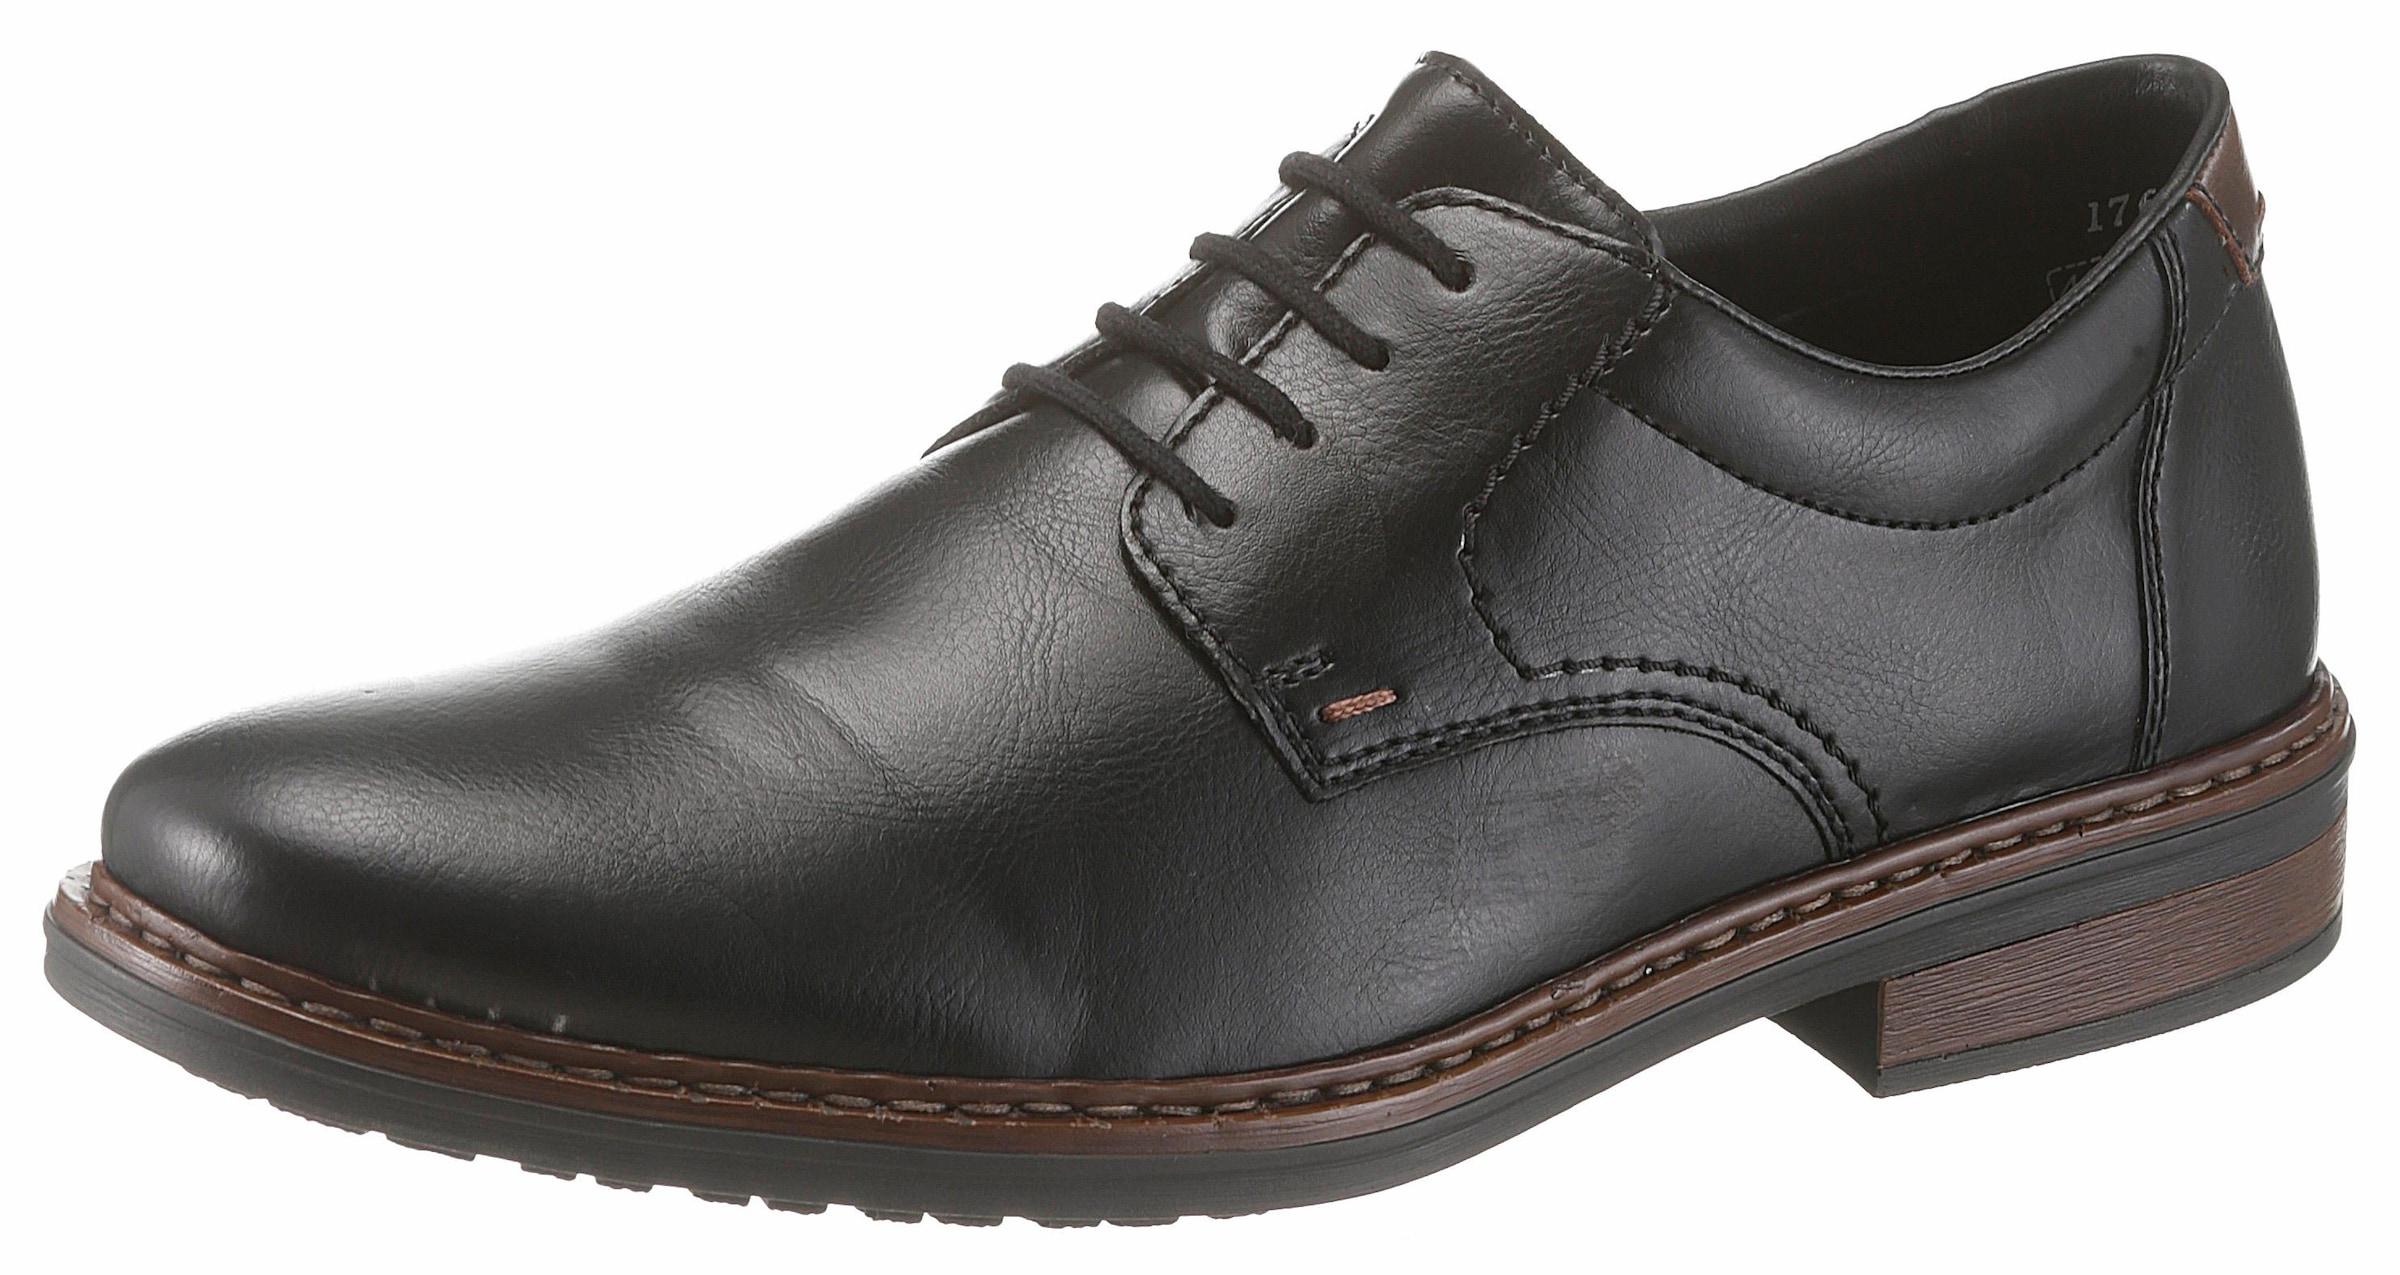 Schnelle Lieferung Spannhülsen Spannstifte Schuhspannstifte SchöNer Auftritt Spannstifte Business & Industrie